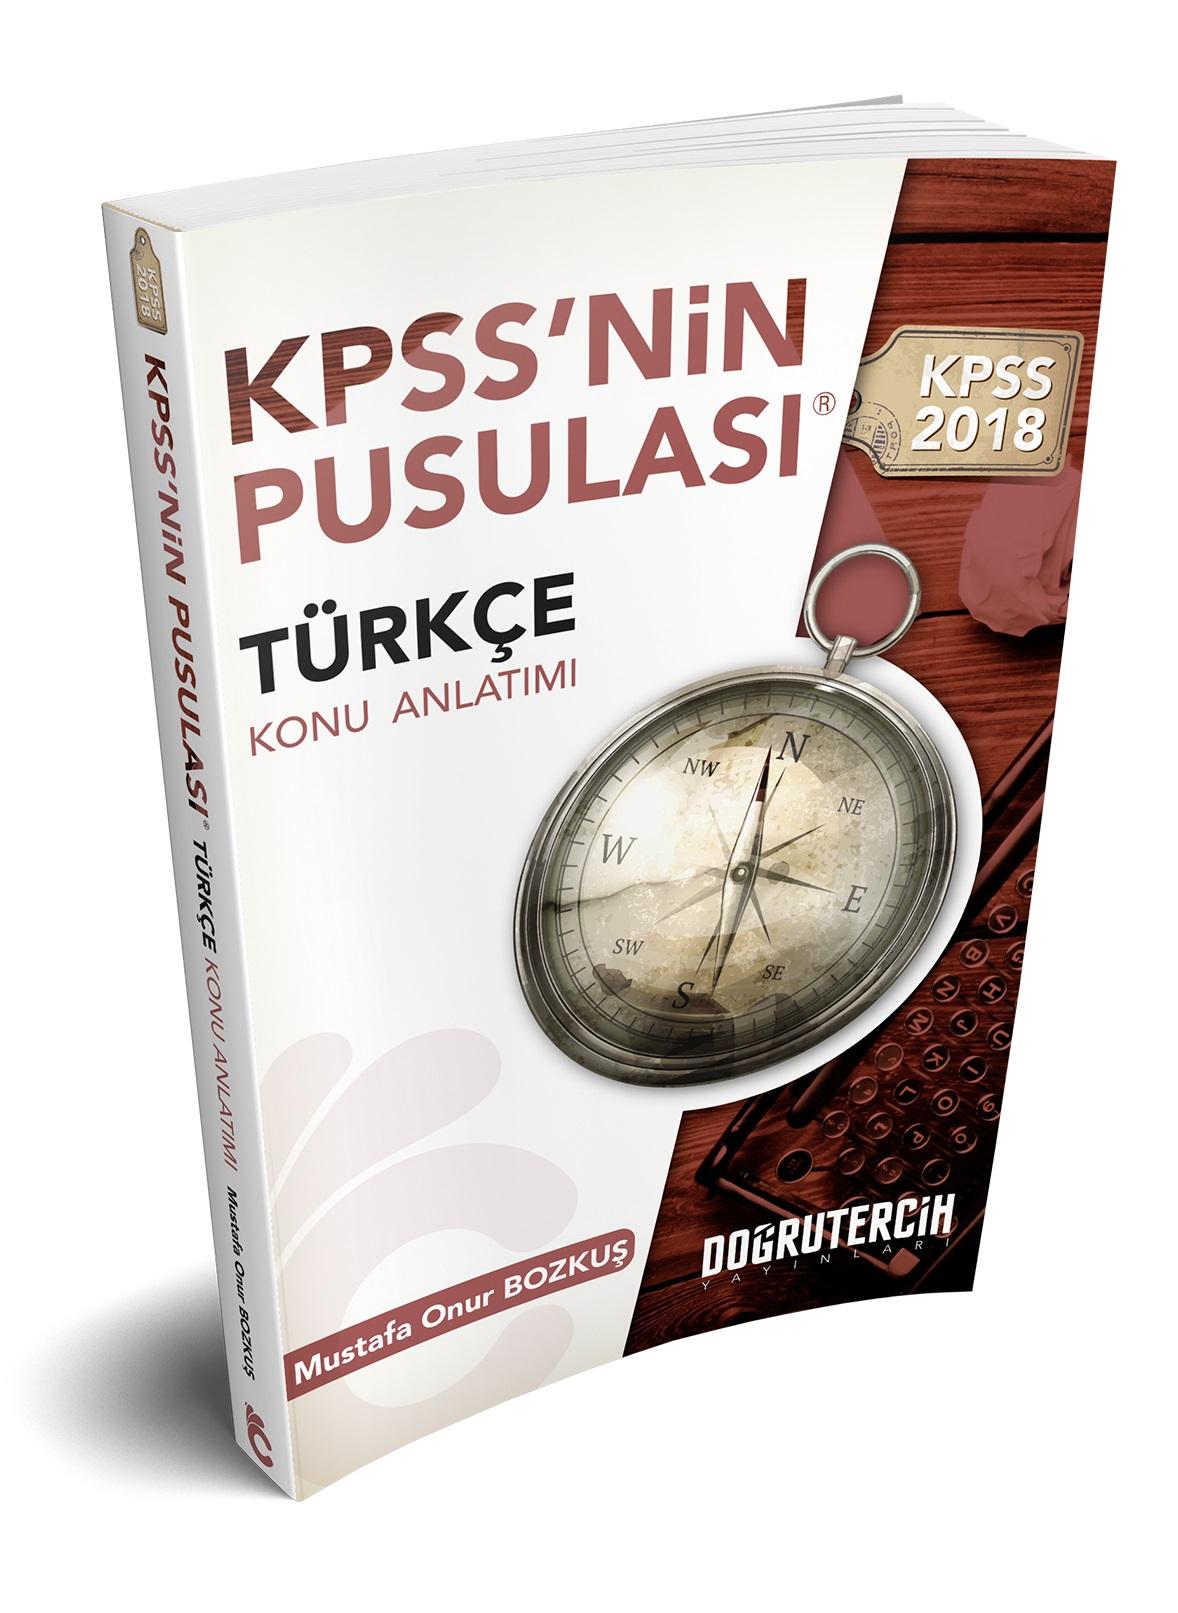 Dogru Tercih Yayinlari 2018 KPSS'nin Pusulasi Türkçe Konu Anlatimi